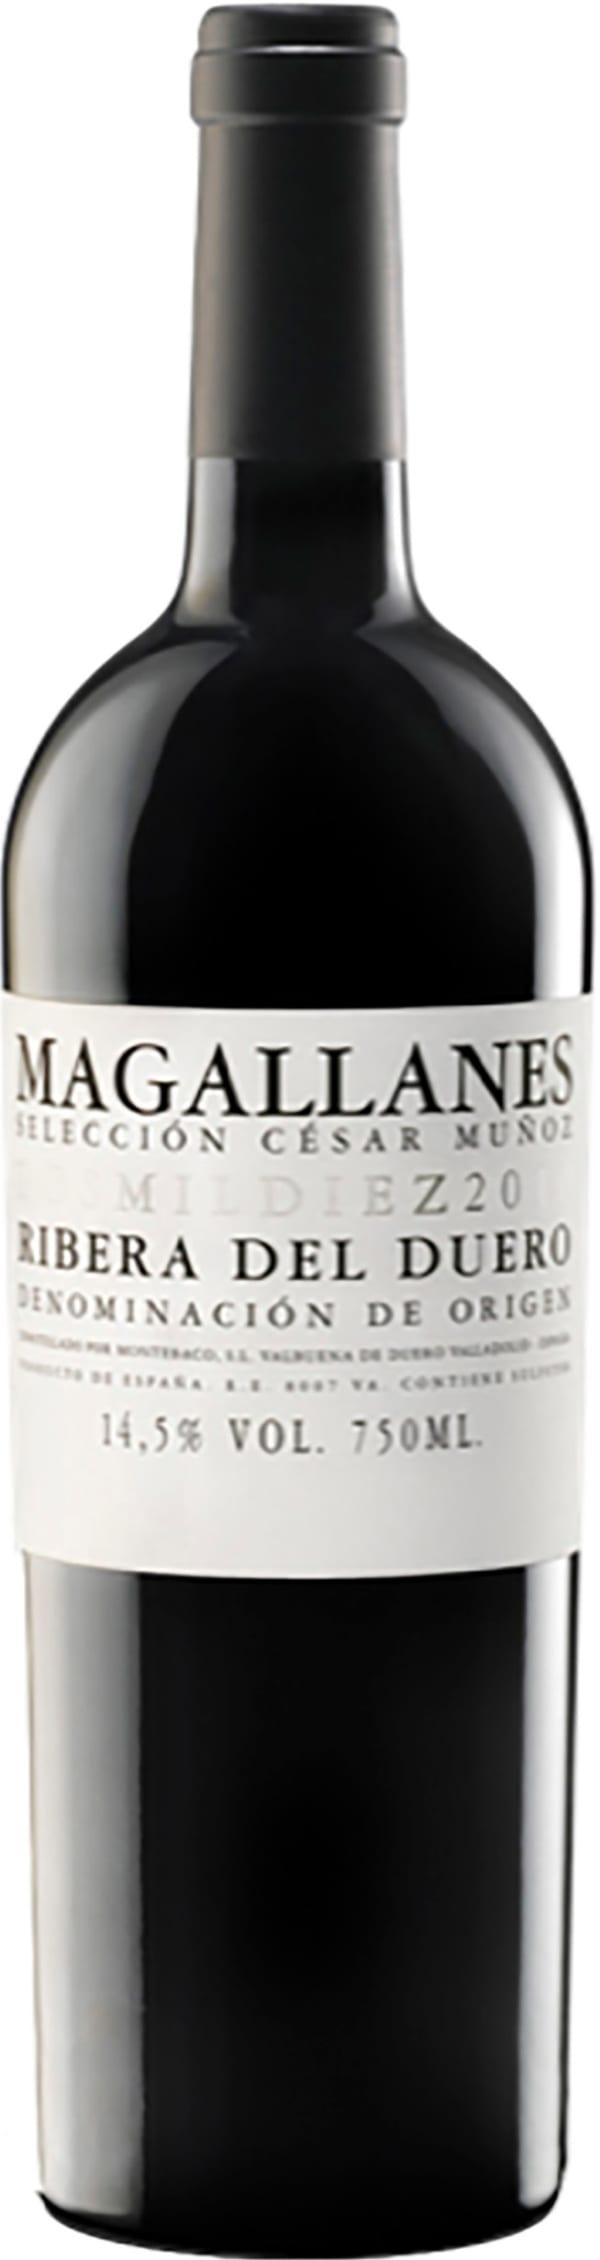 Selección César Muñoz Magallanes 2016